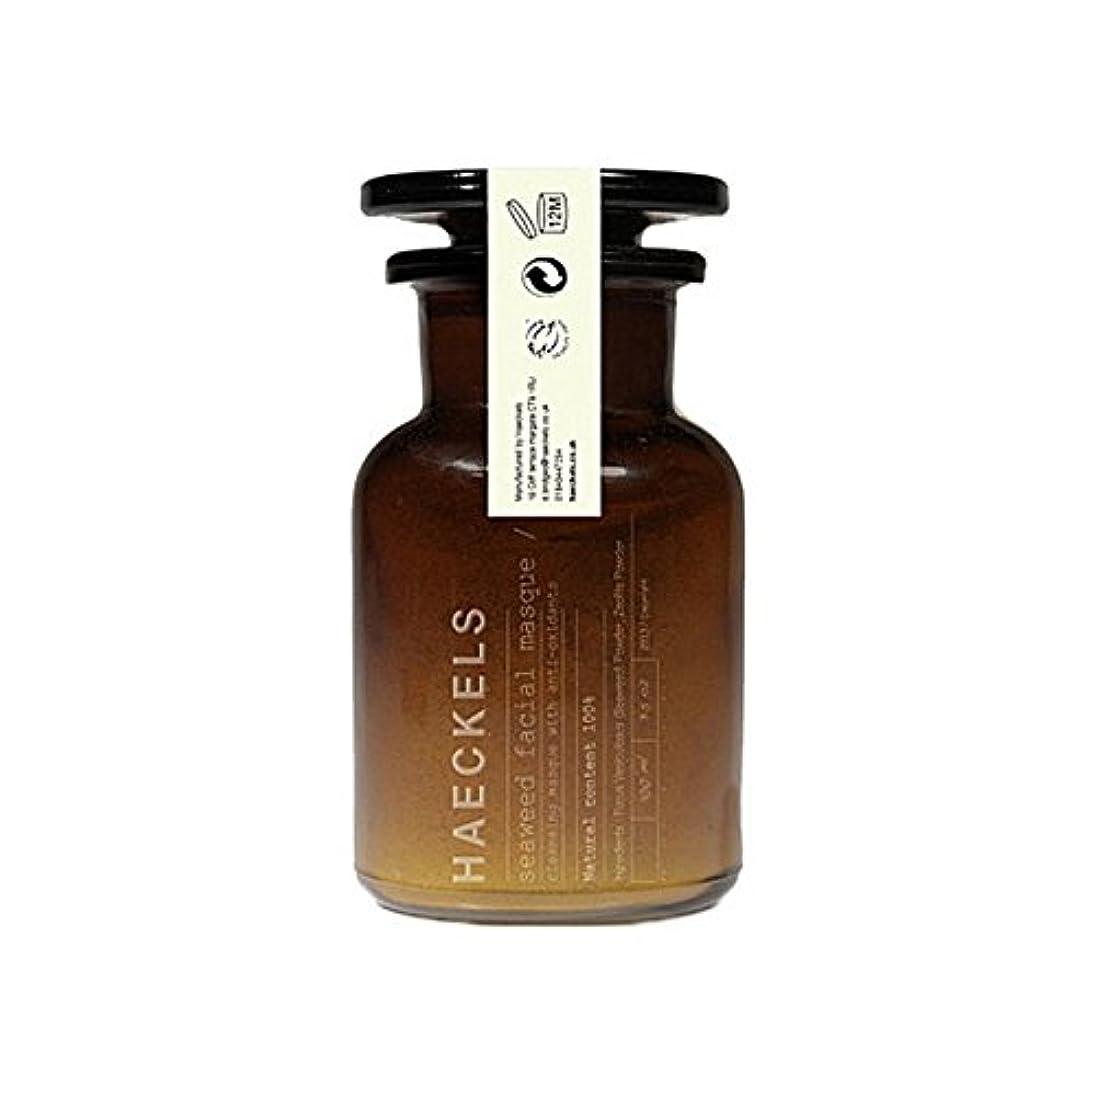 キャンセル付属品助言する海藻やミネラルフェイスマスク100ミリリットルを x2 - Haeckels Seaweed And Mineral Face Mask 100Ml (Pack of 2) [並行輸入品]